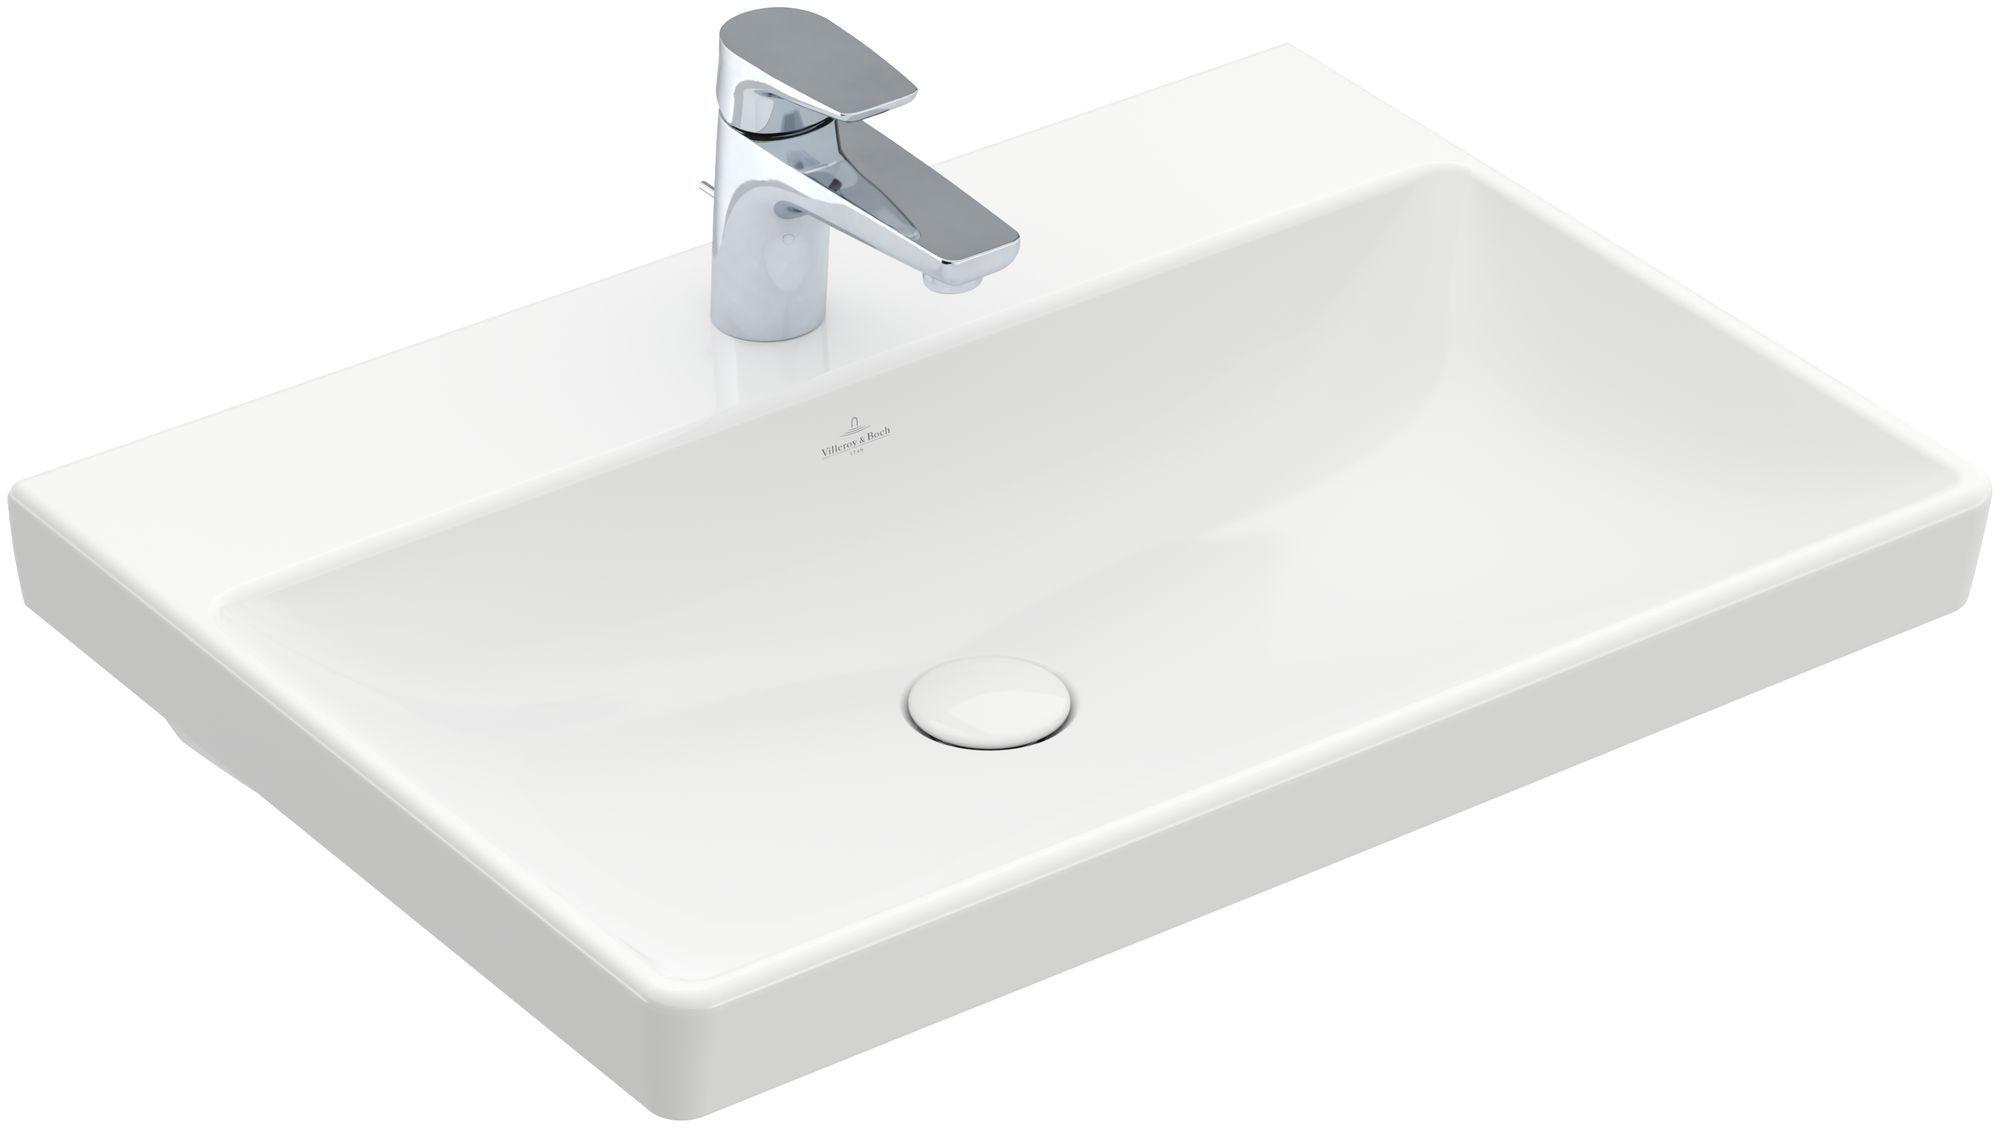 Villeroy & Boch Avento Waschtisch B:65xT:47cm 1 Hahnloch ohne Überlauf weiß mit CeramicPlus 415866R1